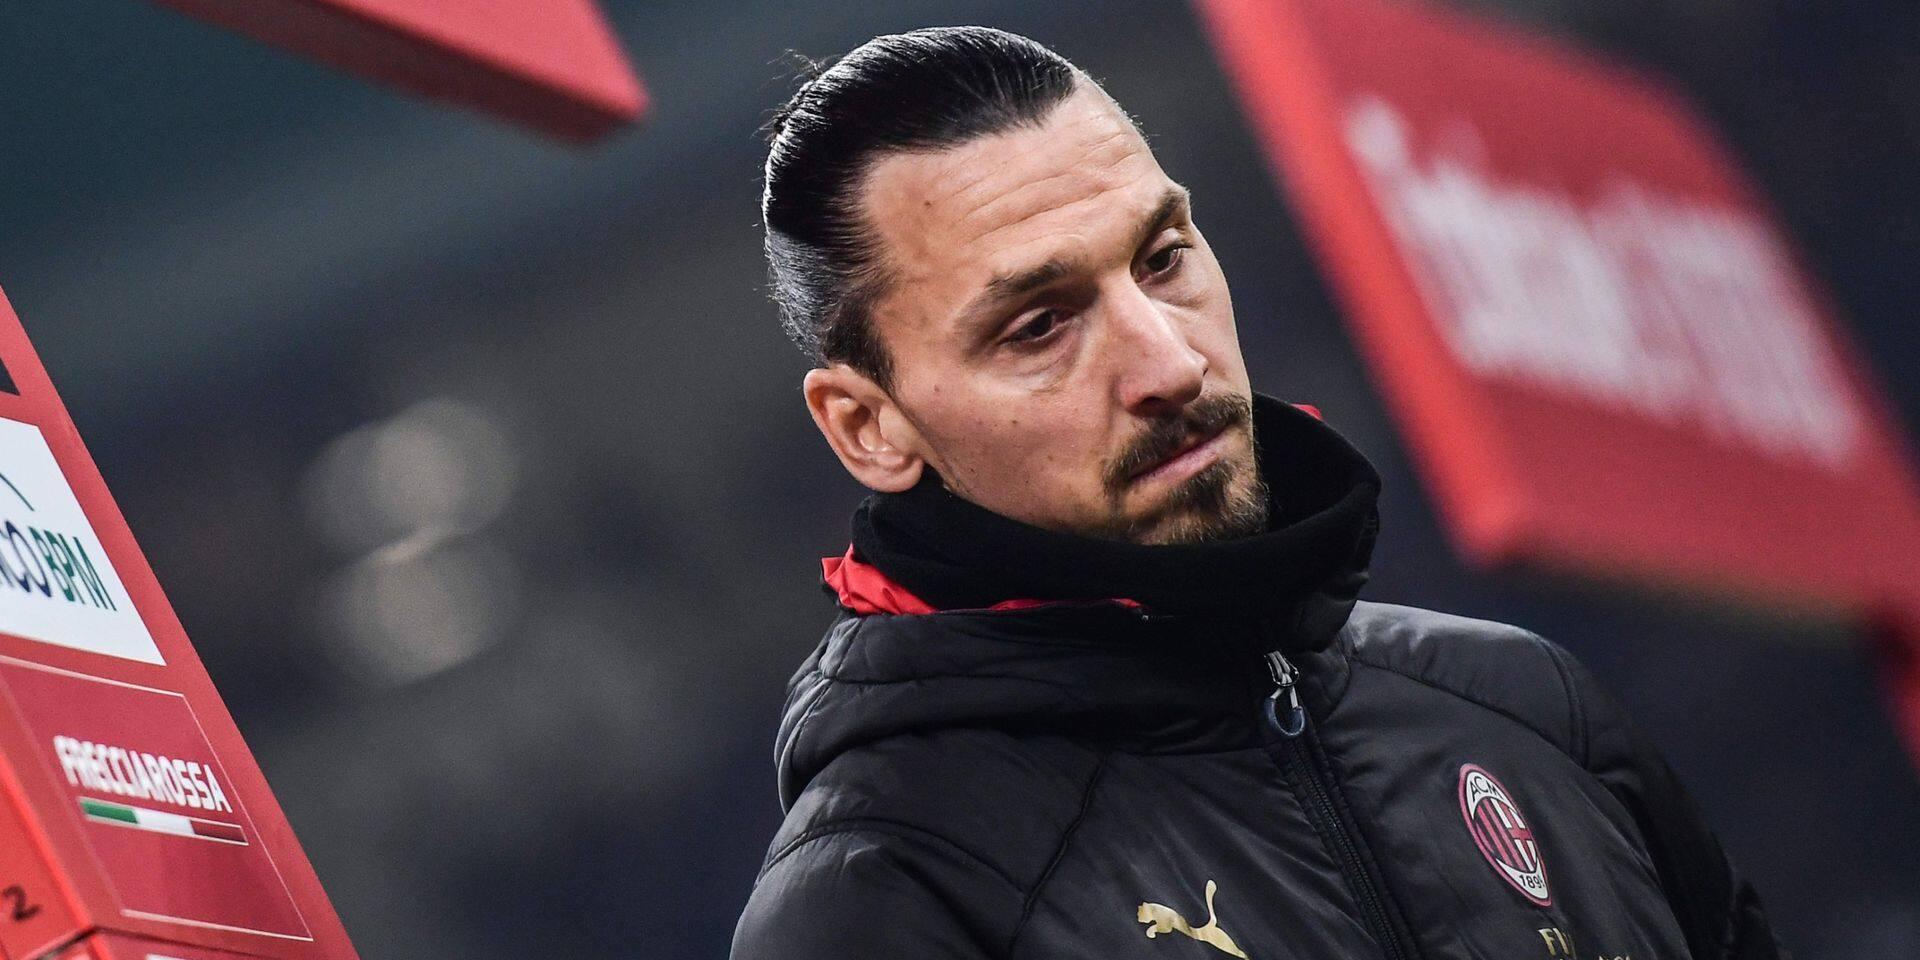 La visite surprise de Zlatan Ibrahimovic qui fait polémique en Suède